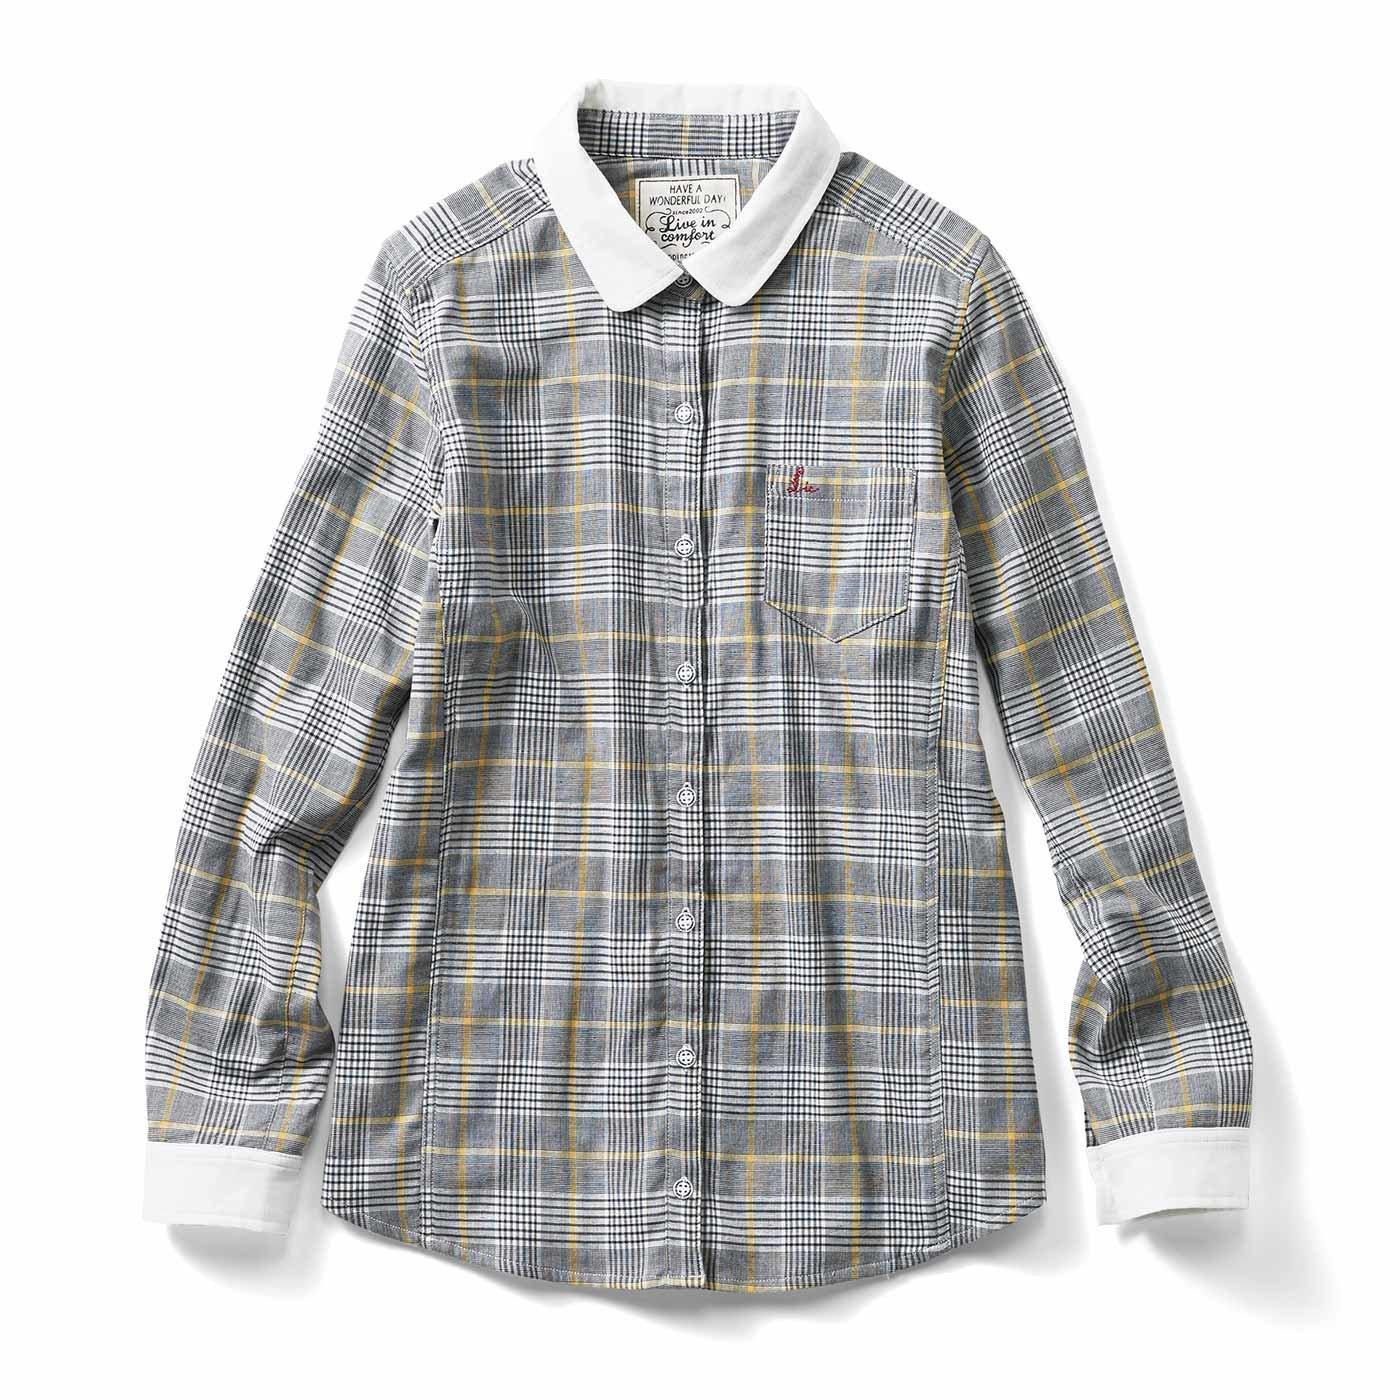 リブ イン コンフォート 重ね着してももたつかない! ストレッチガーゼ×カットソーの伸びシャツ〈ブラックチェック〉